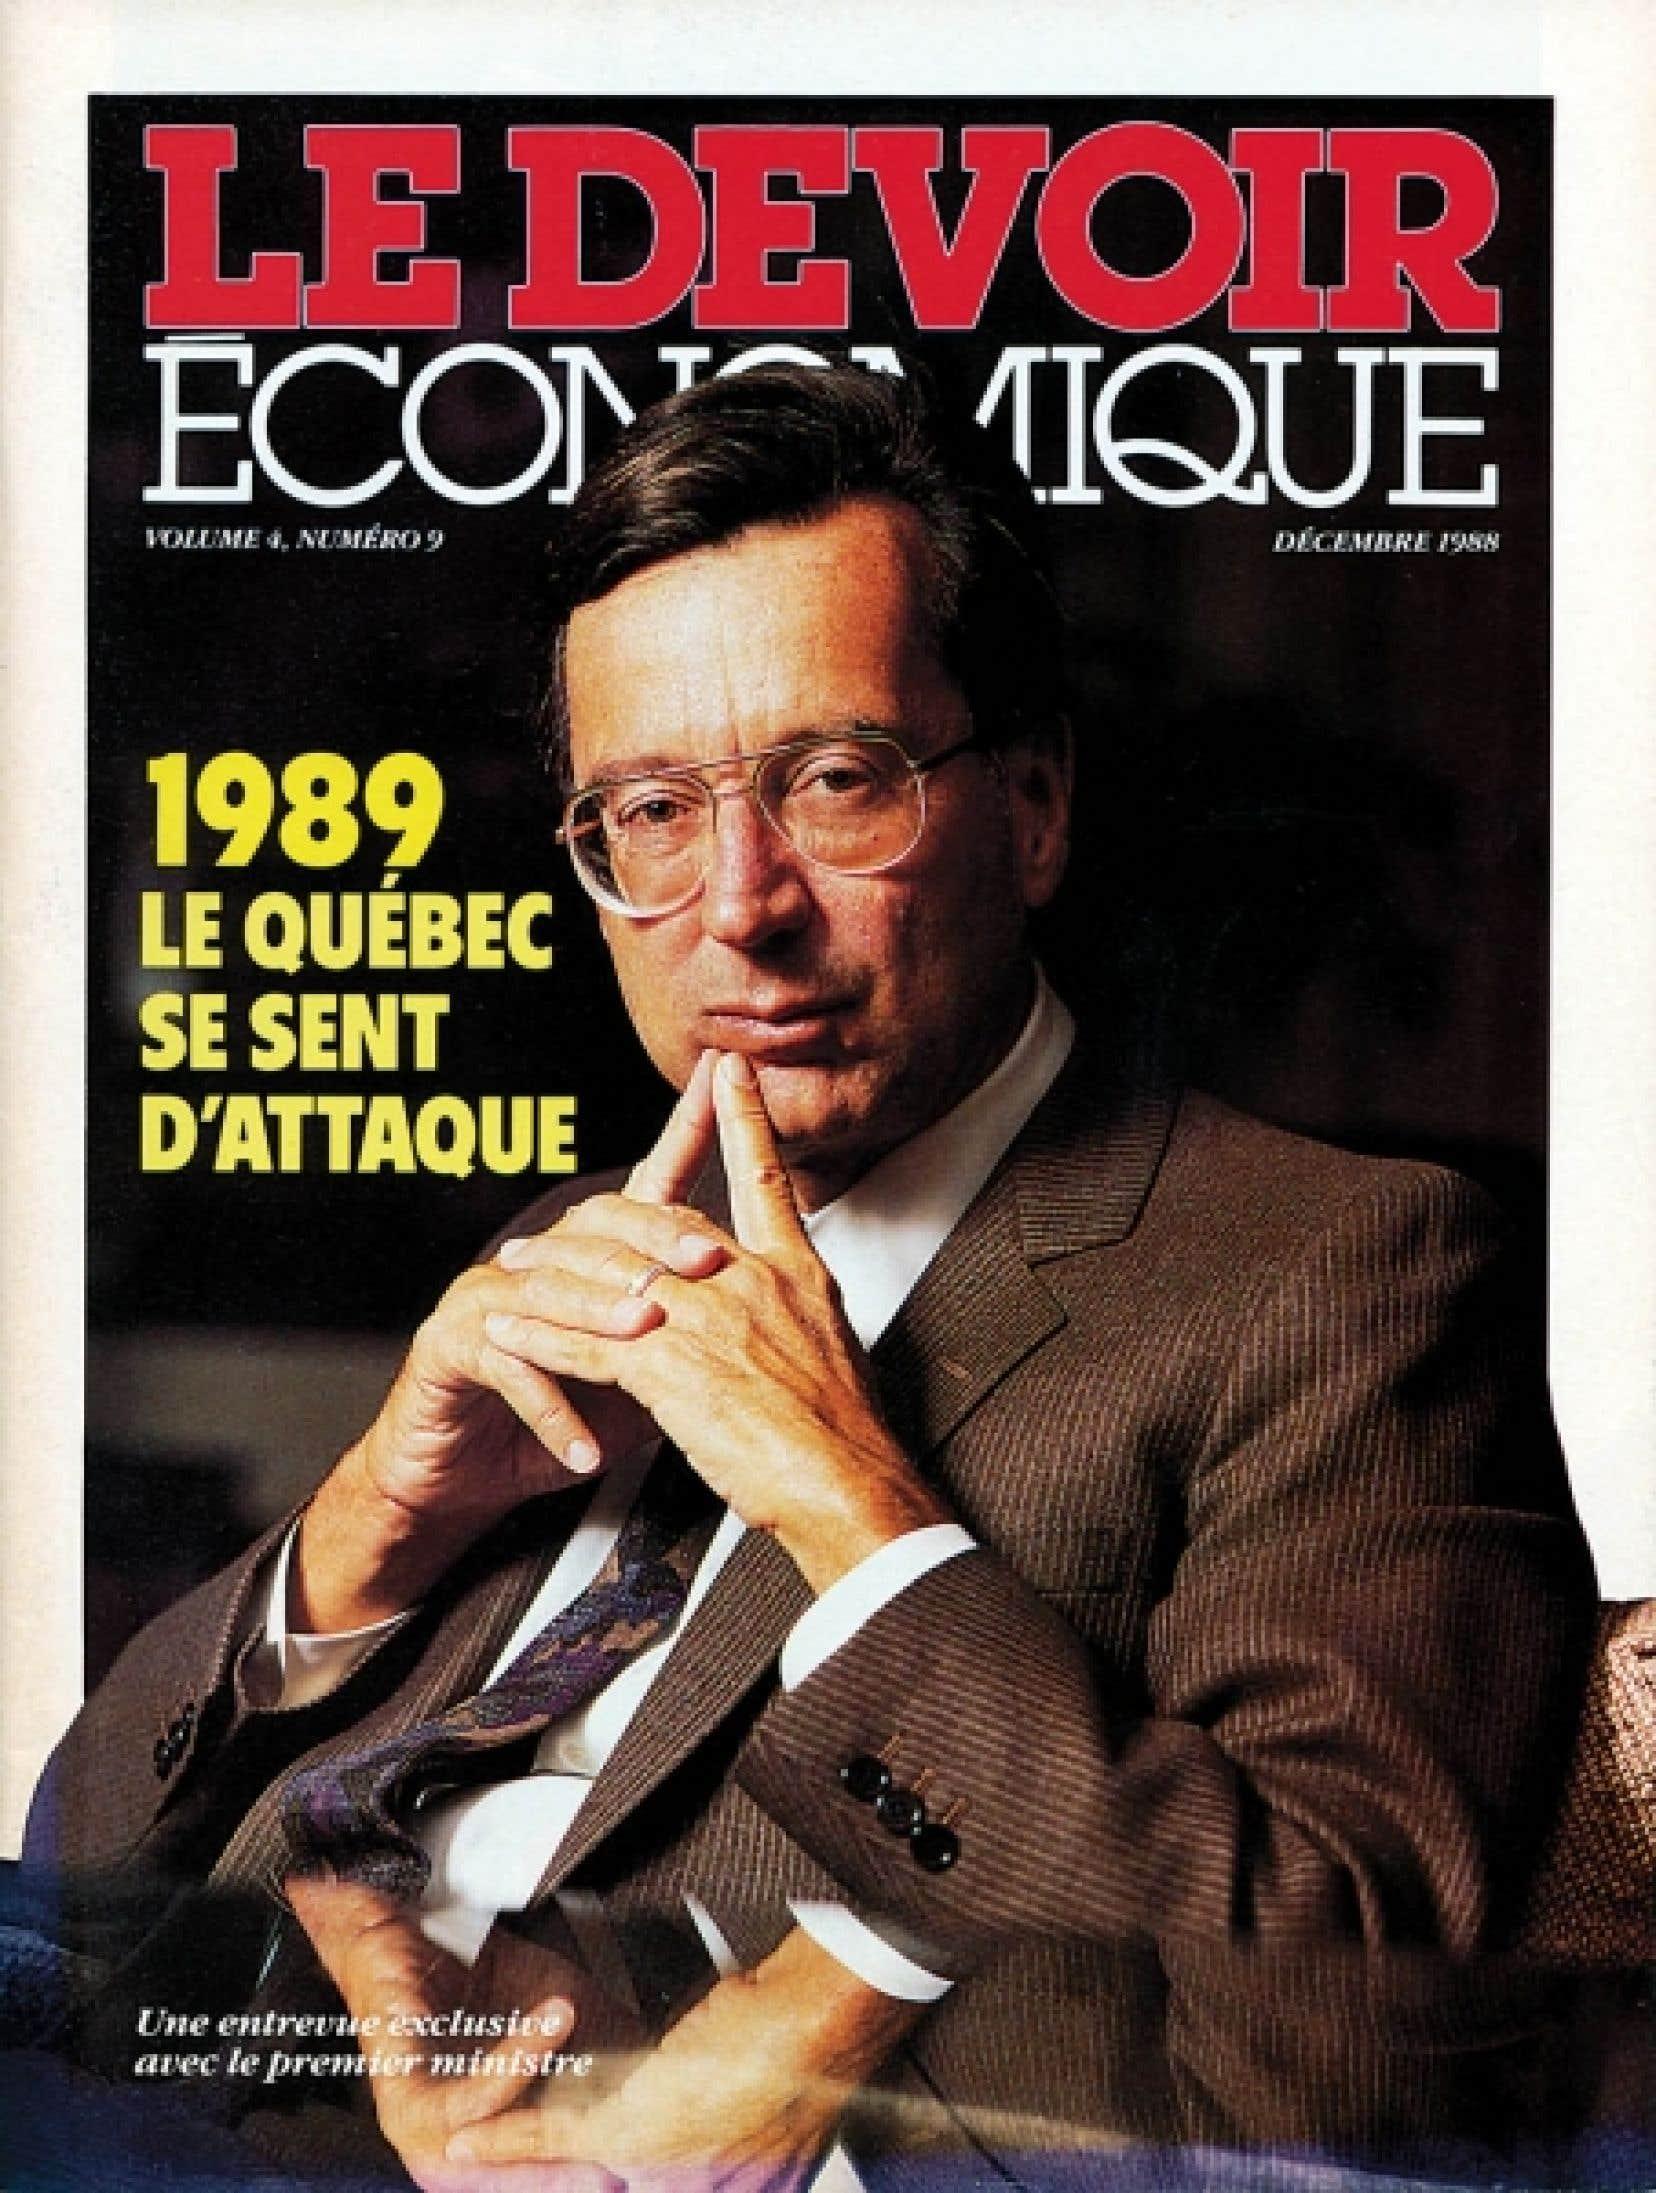 Le Devoir fut longtemps éditeur, de livres, certes, mais aussi de revues spécialisées. S'il y eut, entre autres, un Passeport consacré aux voyages, son mensuel Le Devoir économique parut avec succès de 1985 à 1990.